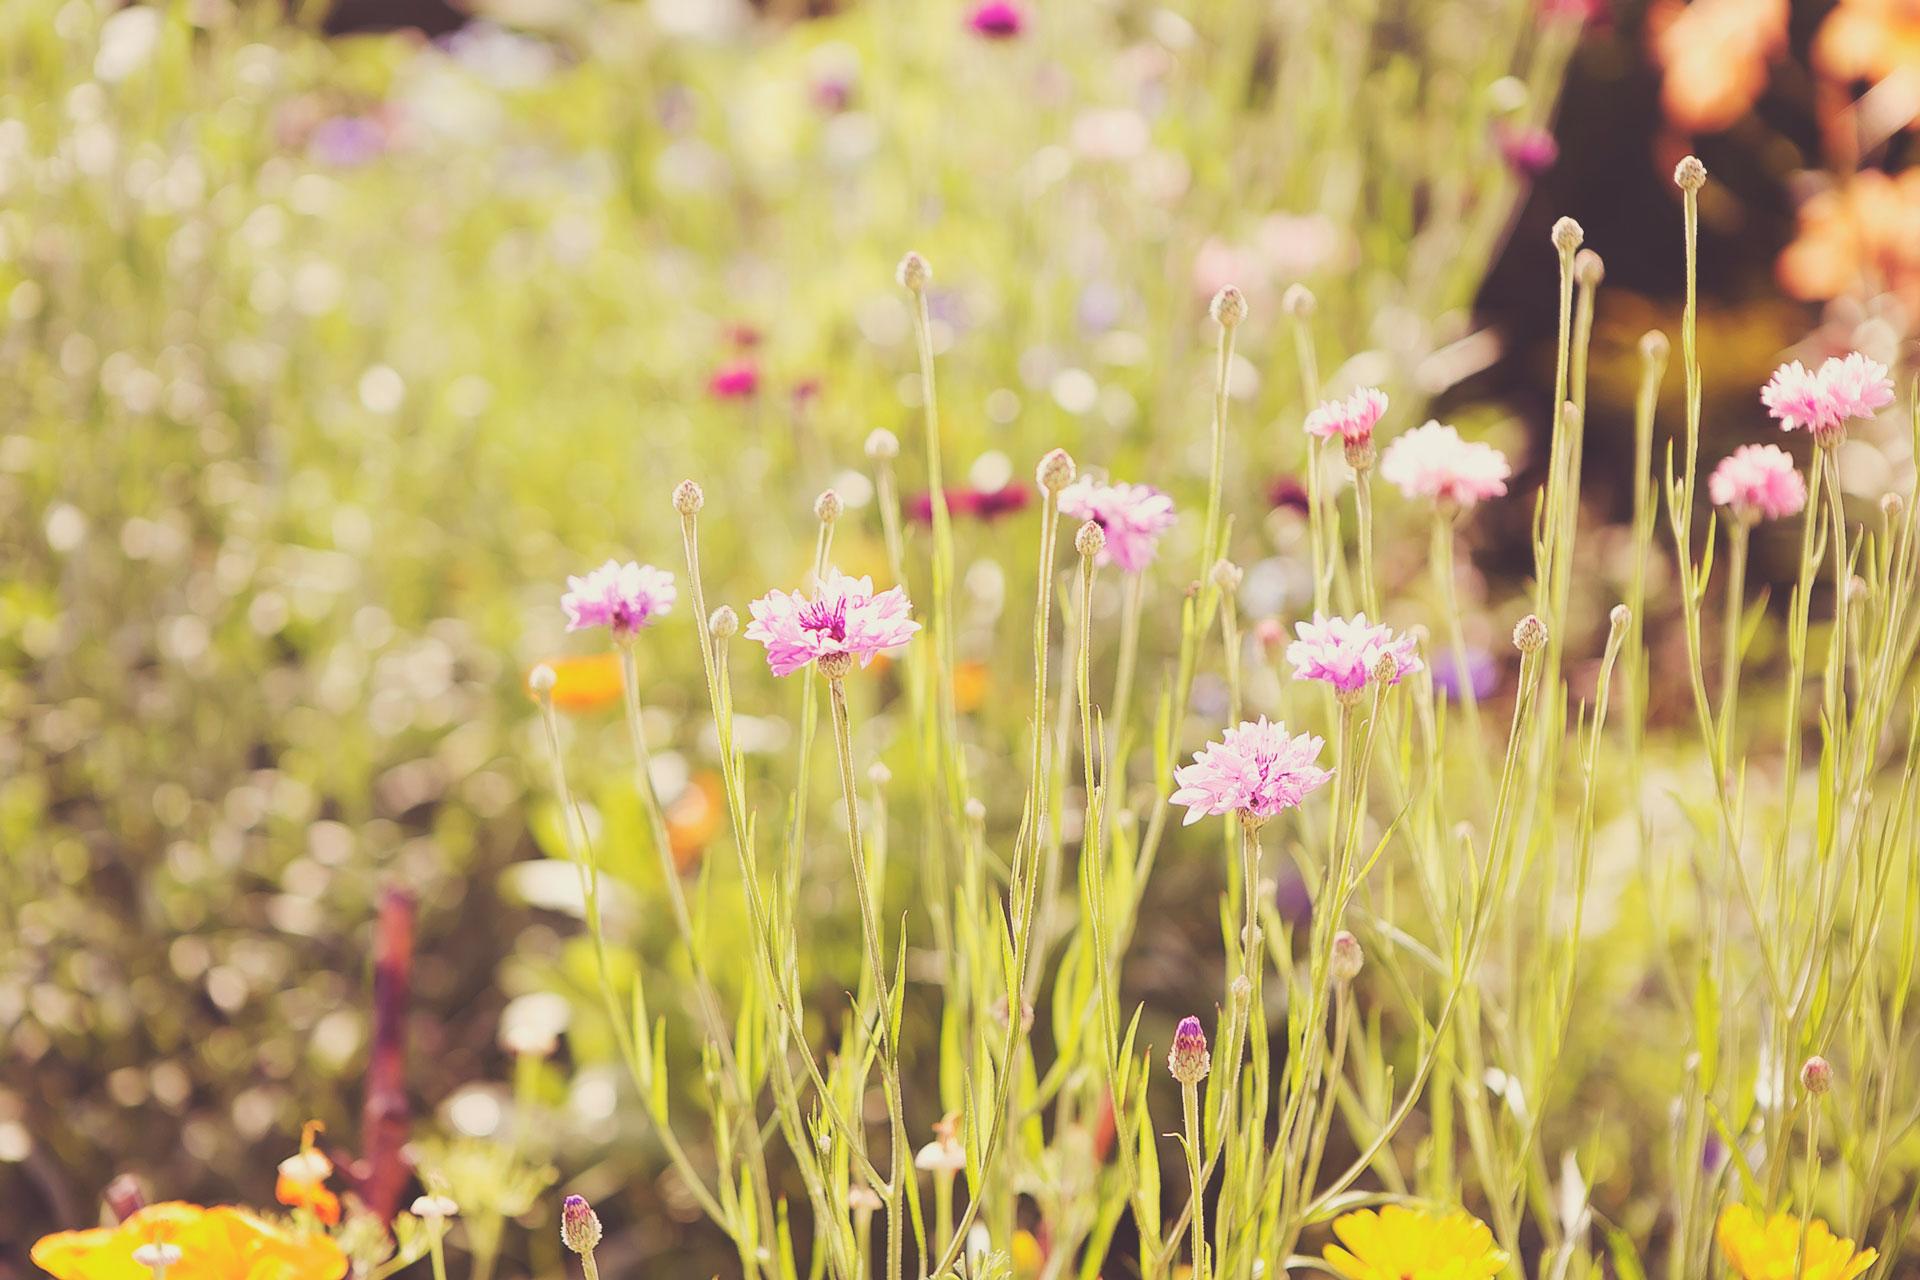 Wir legen Wert auf Natürlichkeit. So auch auf unseren Wiesen und Feldern.